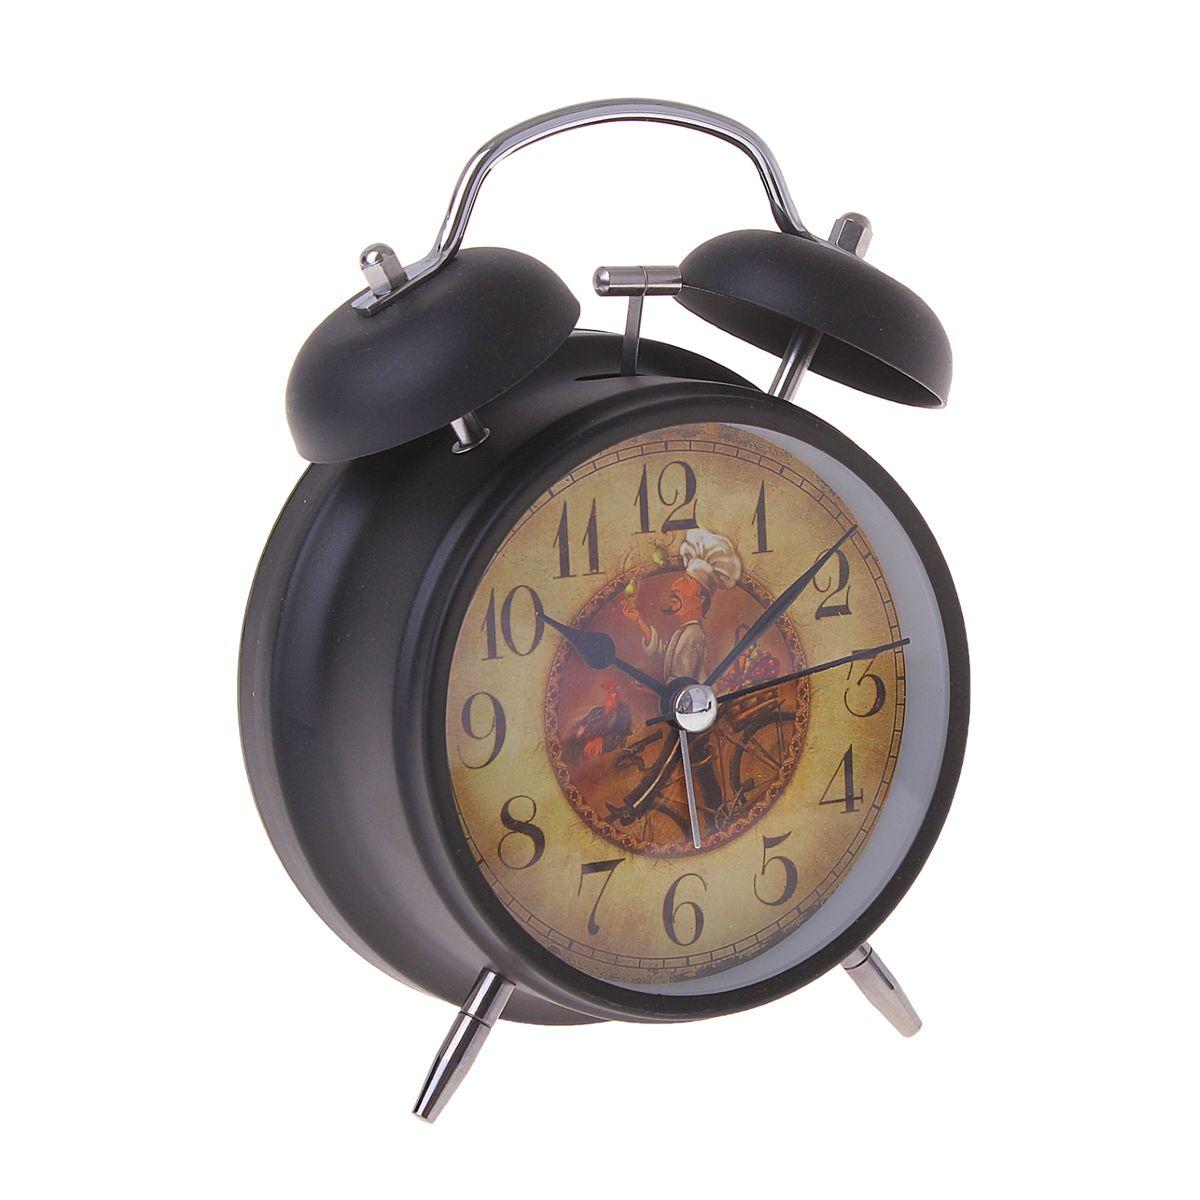 Часы-будильник Sima-land. 155521VT-3502(BK)Как же сложно иногда вставать вовремя! Всегда так хочется поспать еще хотя бы 5 минут и бывает, что мы просыпаем. Теперь этого не случится! Яркий, оригинальный будильник Sima-land поможет вам всегда вставать в нужное время и успевать везде и всюду. Время показывает точно и будит в установленный час. Будильник украсит вашу комнату и приведет в восхищение друзей. На задней панели будильника расположены переключатель включения/выключения механизма и два колесика для настройки текущего времени и времени звонка будильника. Также будильник оснащен кнопкой, при нажатии и удержании которой, подсвечивается циферблат.Будильник работает от 1 батарейки типа AA напряжением 1,5V (не входит в комплект).